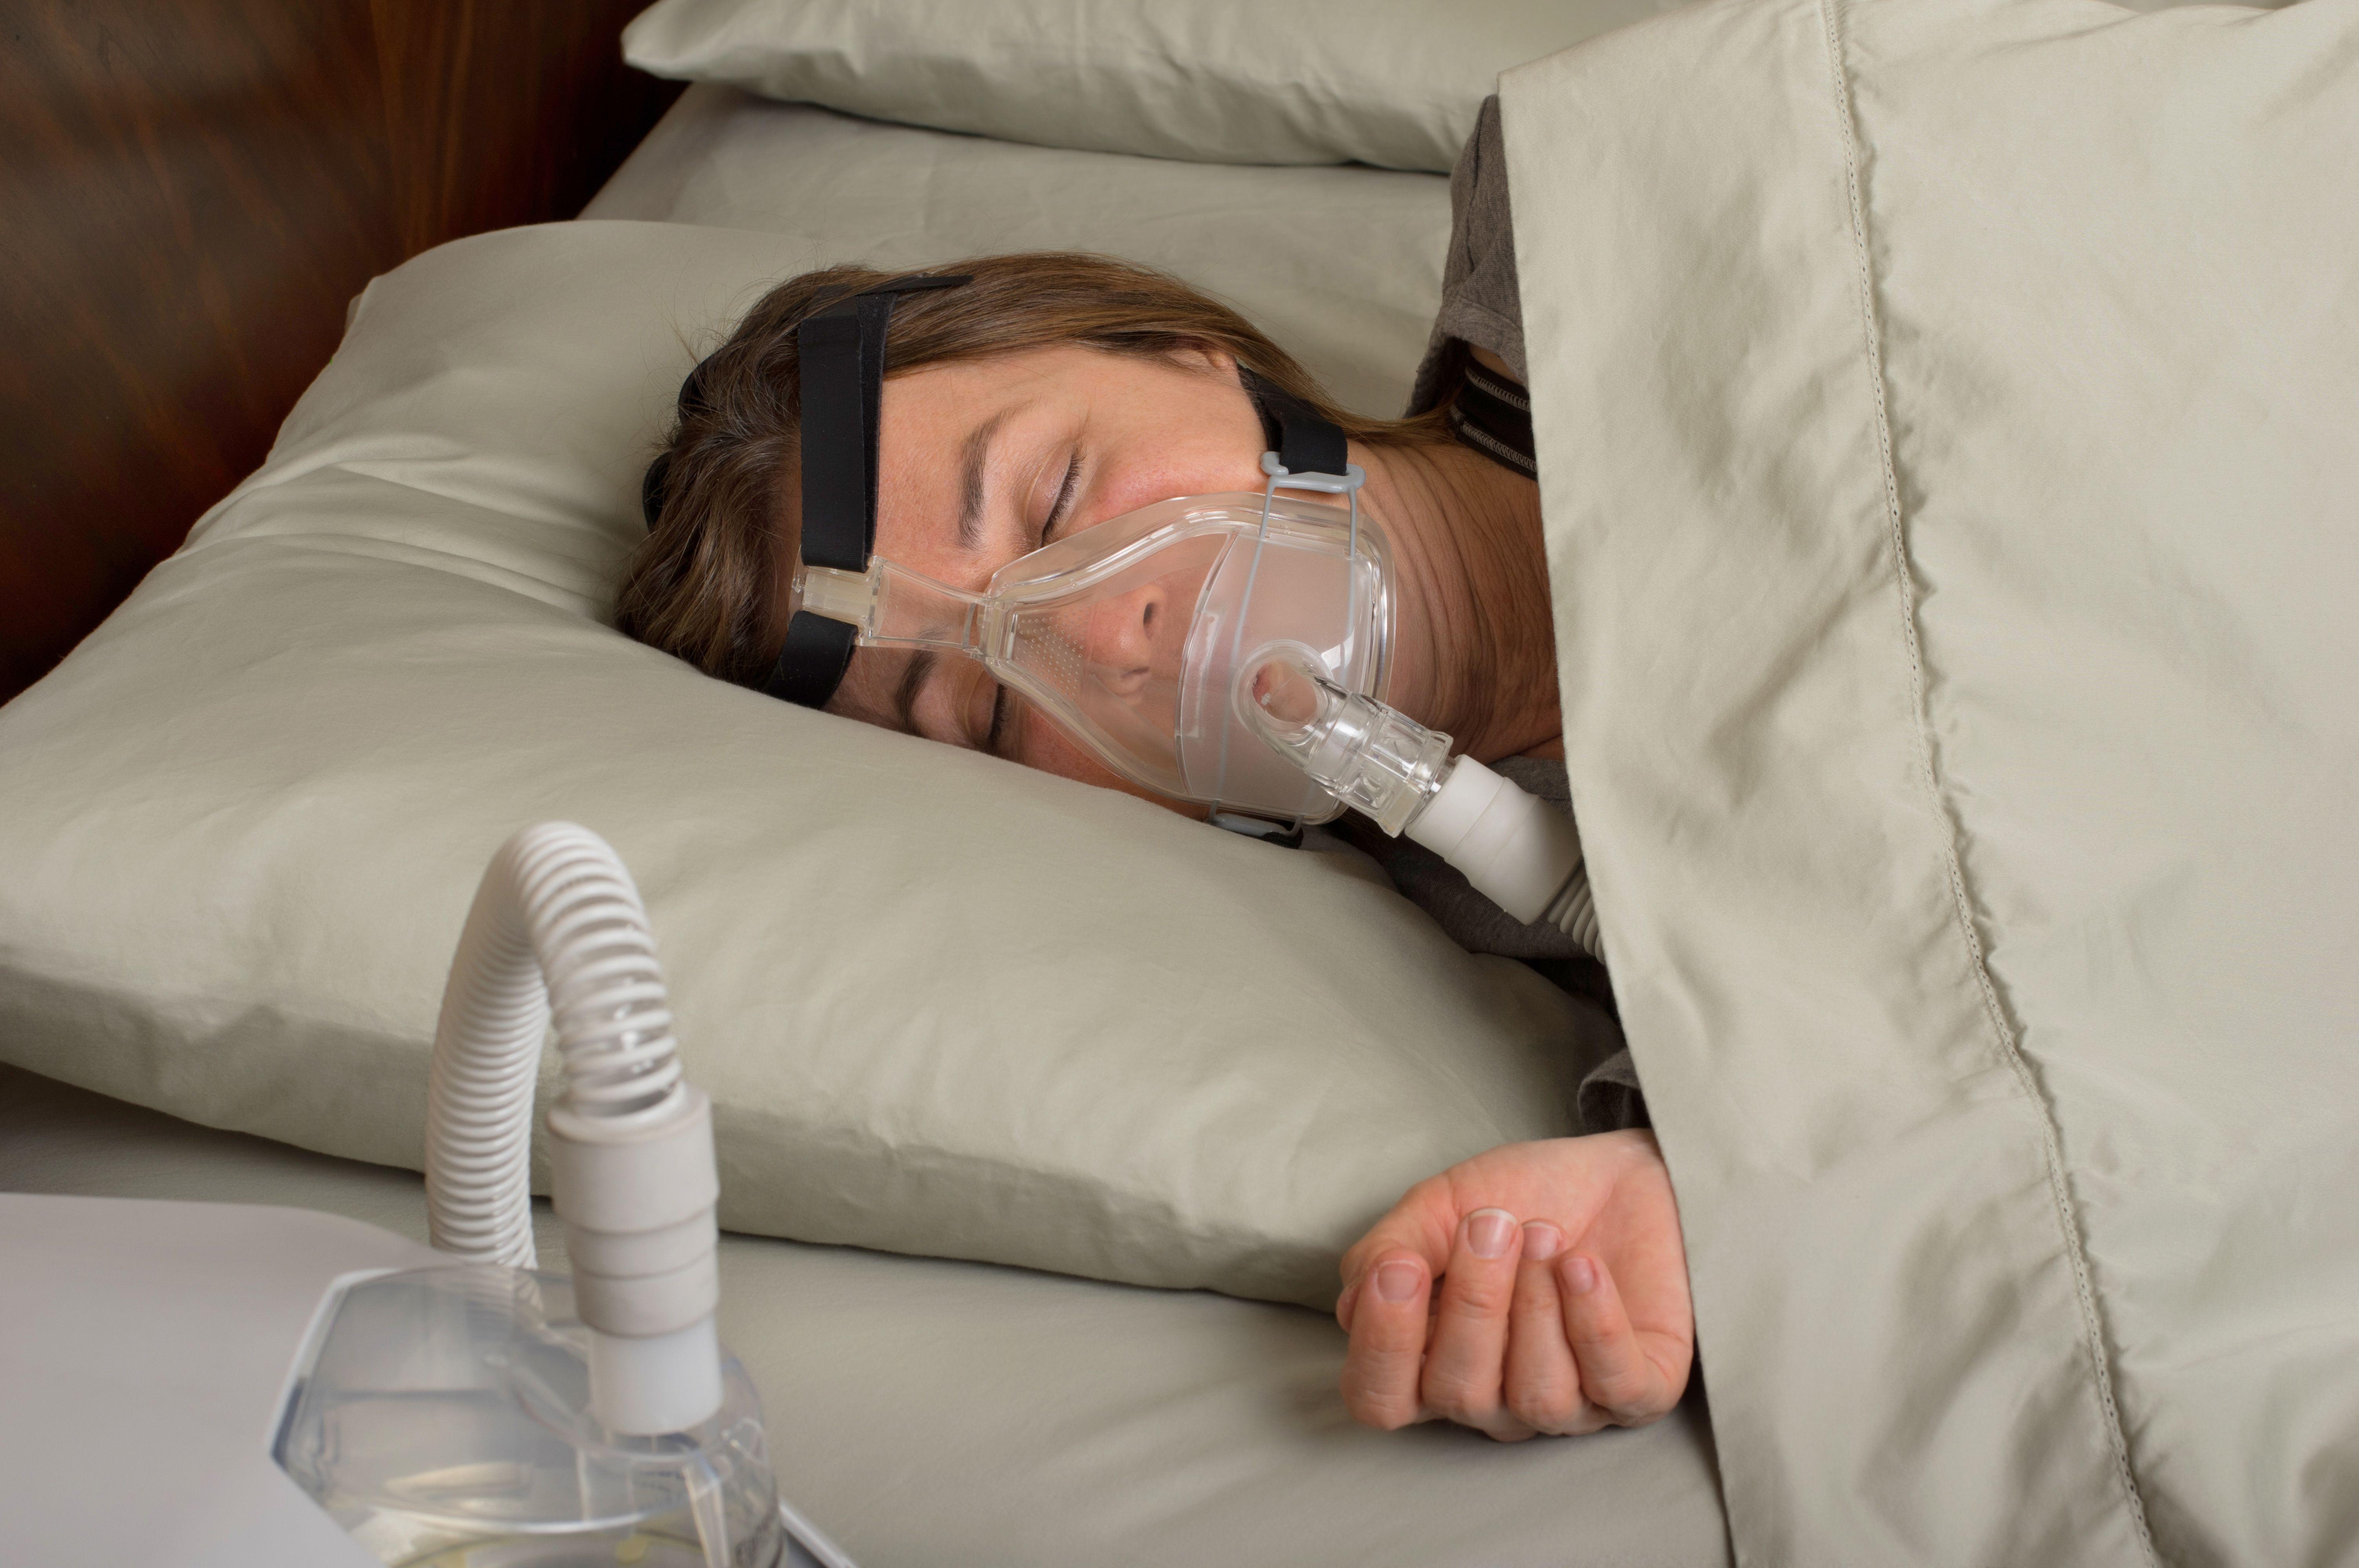 Astmalla ja uniapnealla on vaikuttanut olevan yhteys, mutta näyttö on ollut ristiriitaista tai heikkoa.